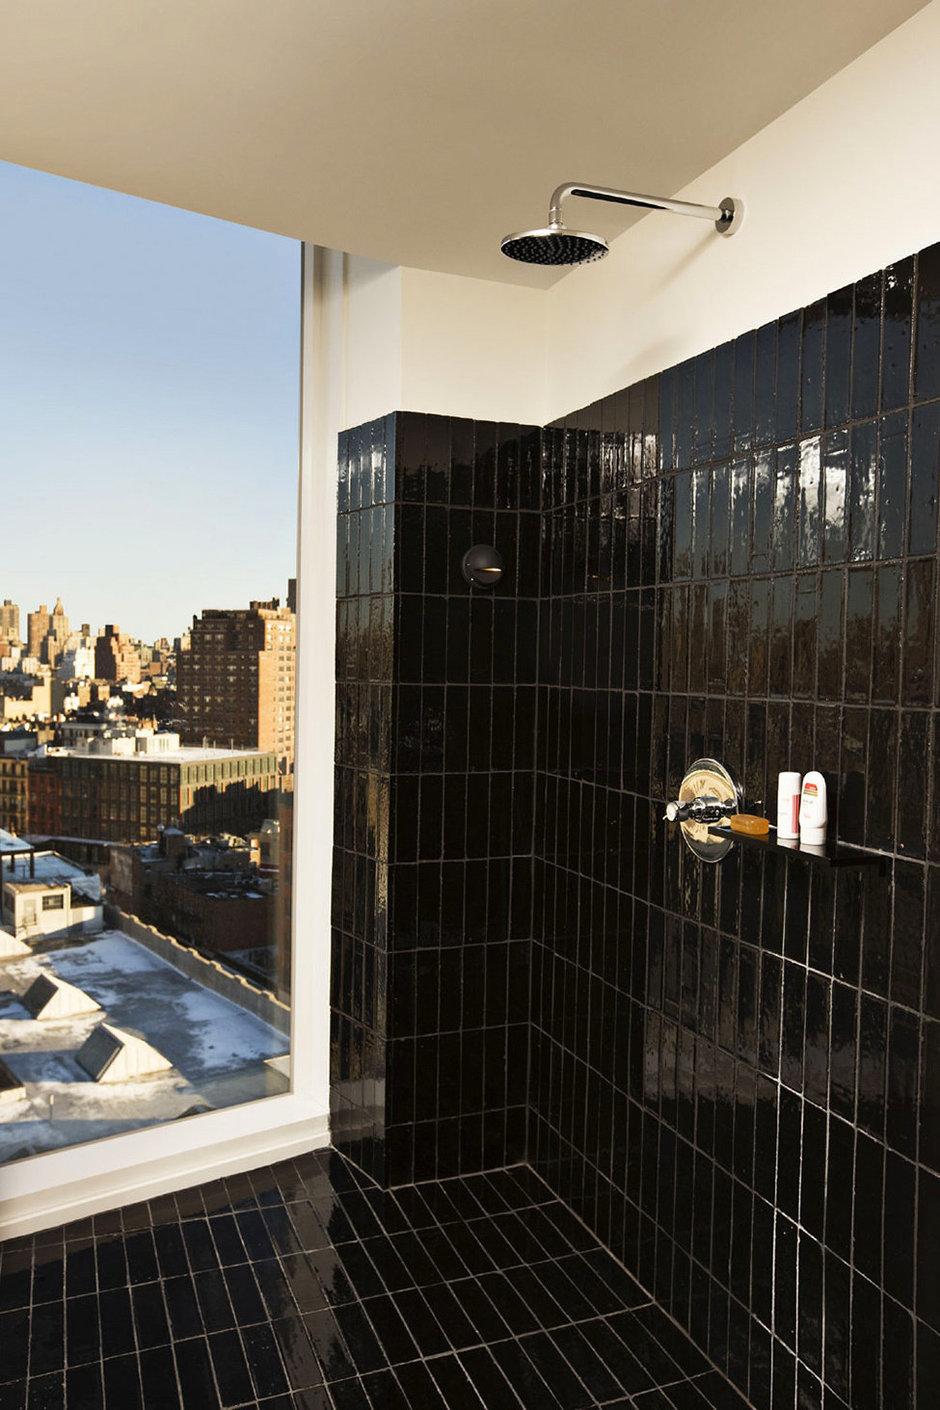 Фотография: Ванная в стиле Современный, Декор интерьера, Дома и квартиры, Городские места, Отель, Проект недели, Нью-Йорк – фото на InMyRoom.ru